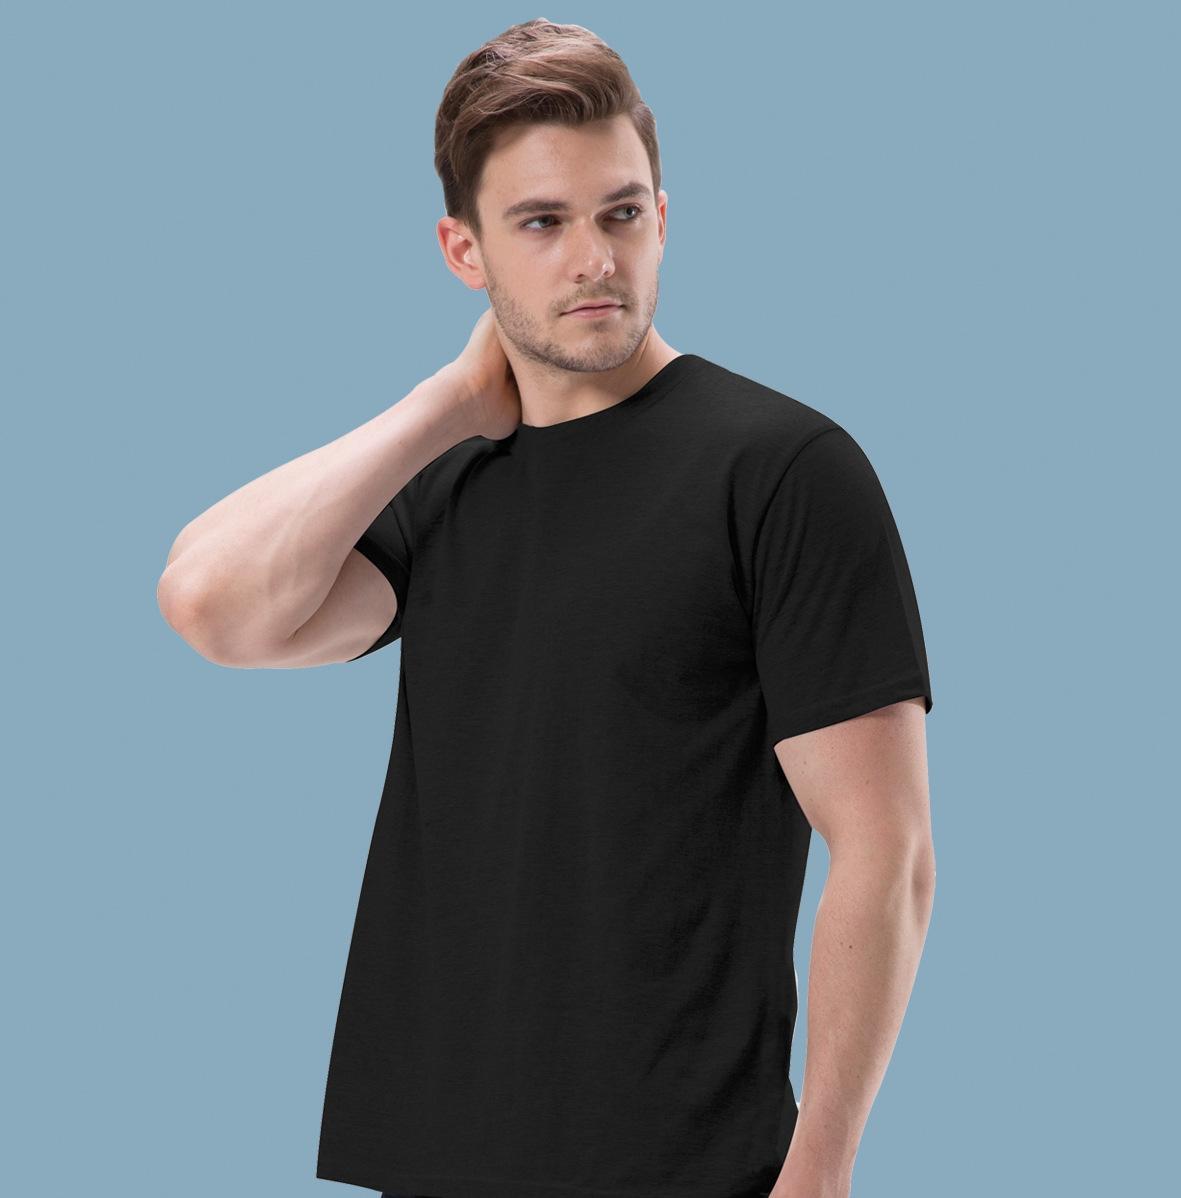 Grundlegende Artmens Designer Tshirts beiläufigen Normallack-loses Shirt klassisches Art-Männer-T-Shirt mit Rundhalsausschnitt